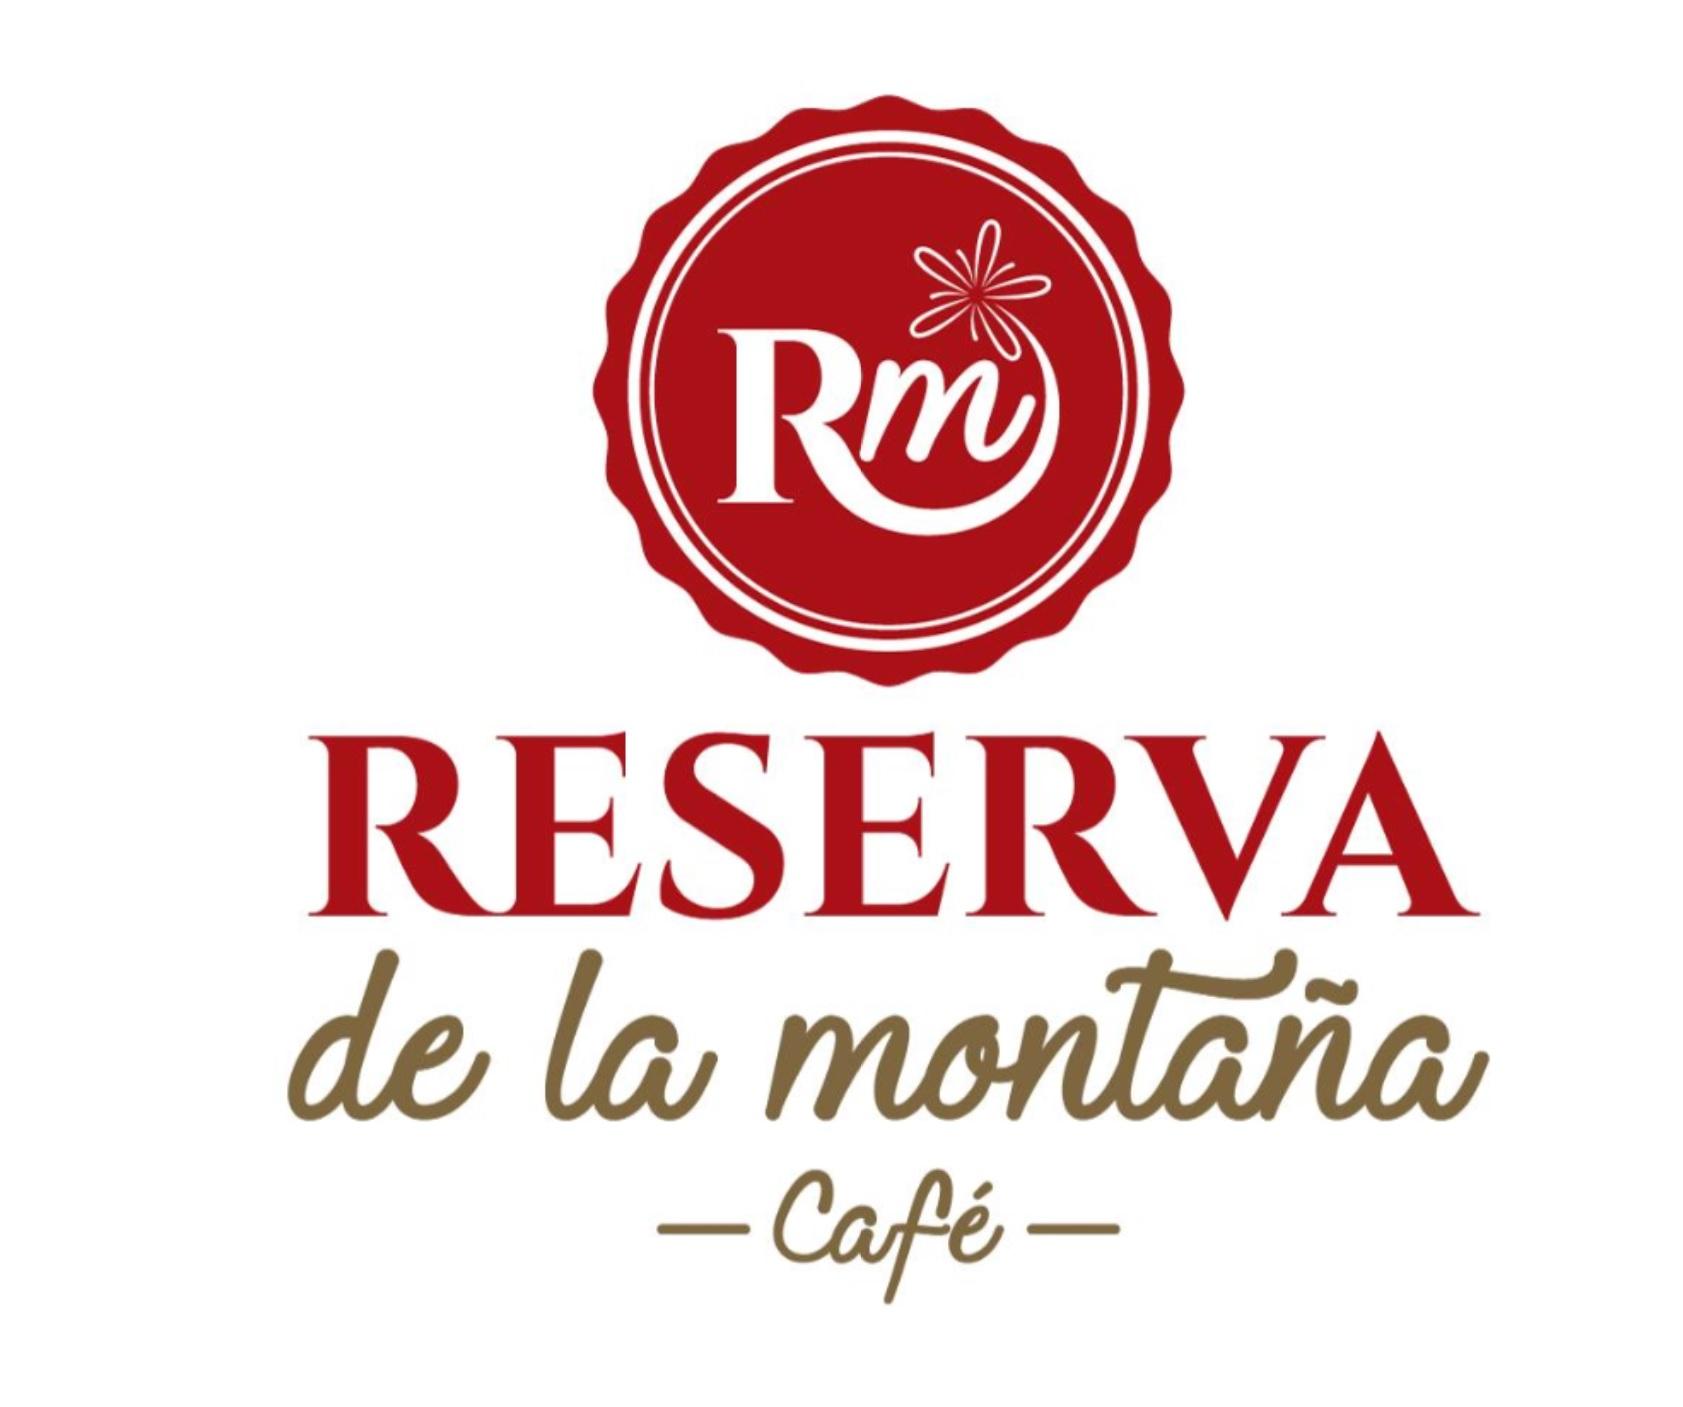 RESERVA DE LA MONTAÑA CAFÉ